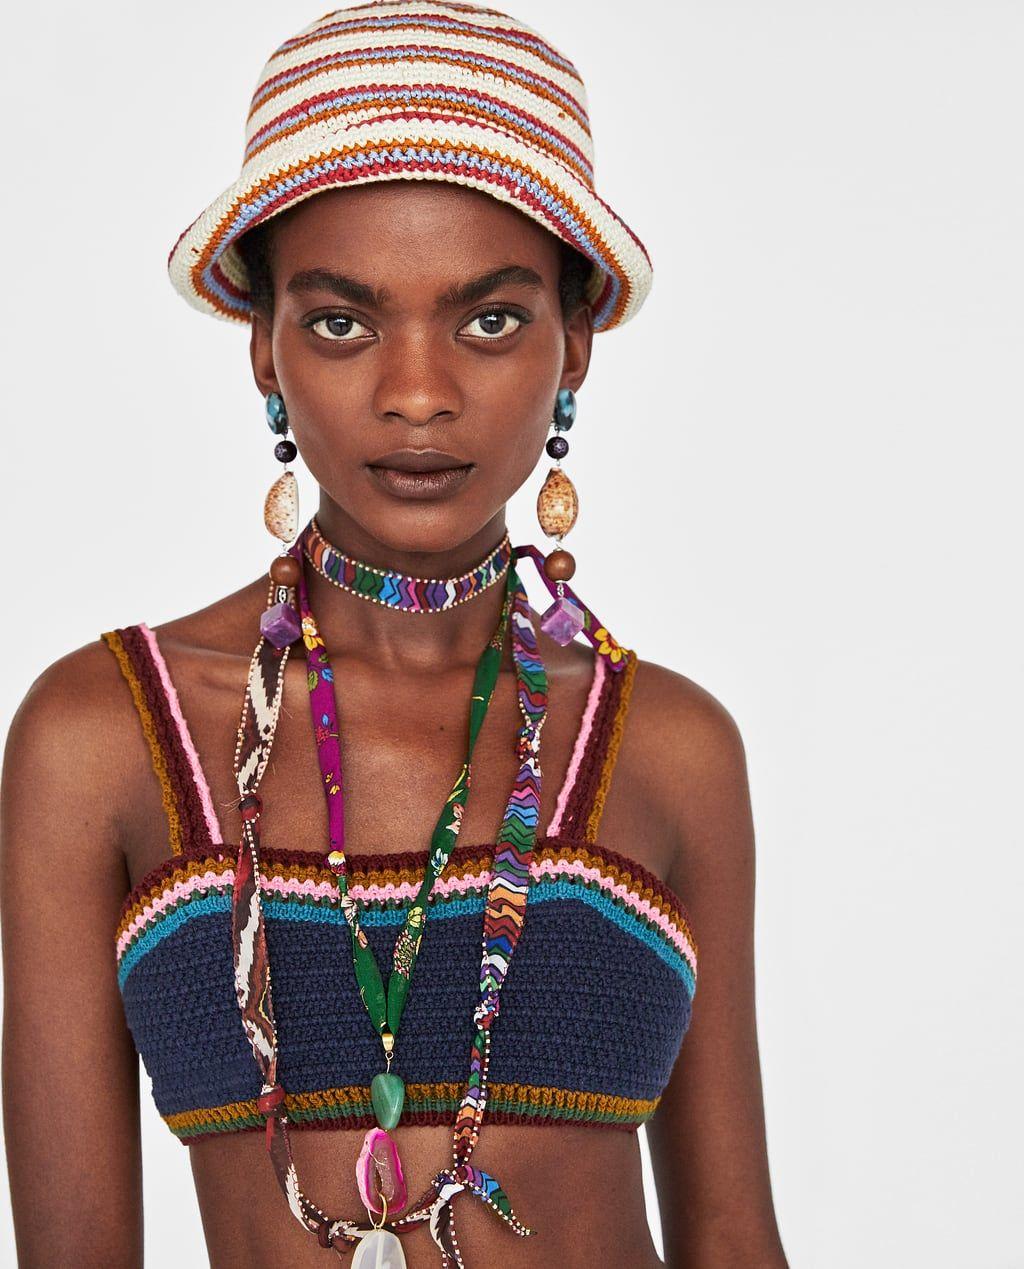 Image 2 Of Colourful Crochet Hat From Zara Hakelarbeiten Kleidung Hakeln Hakelbikini